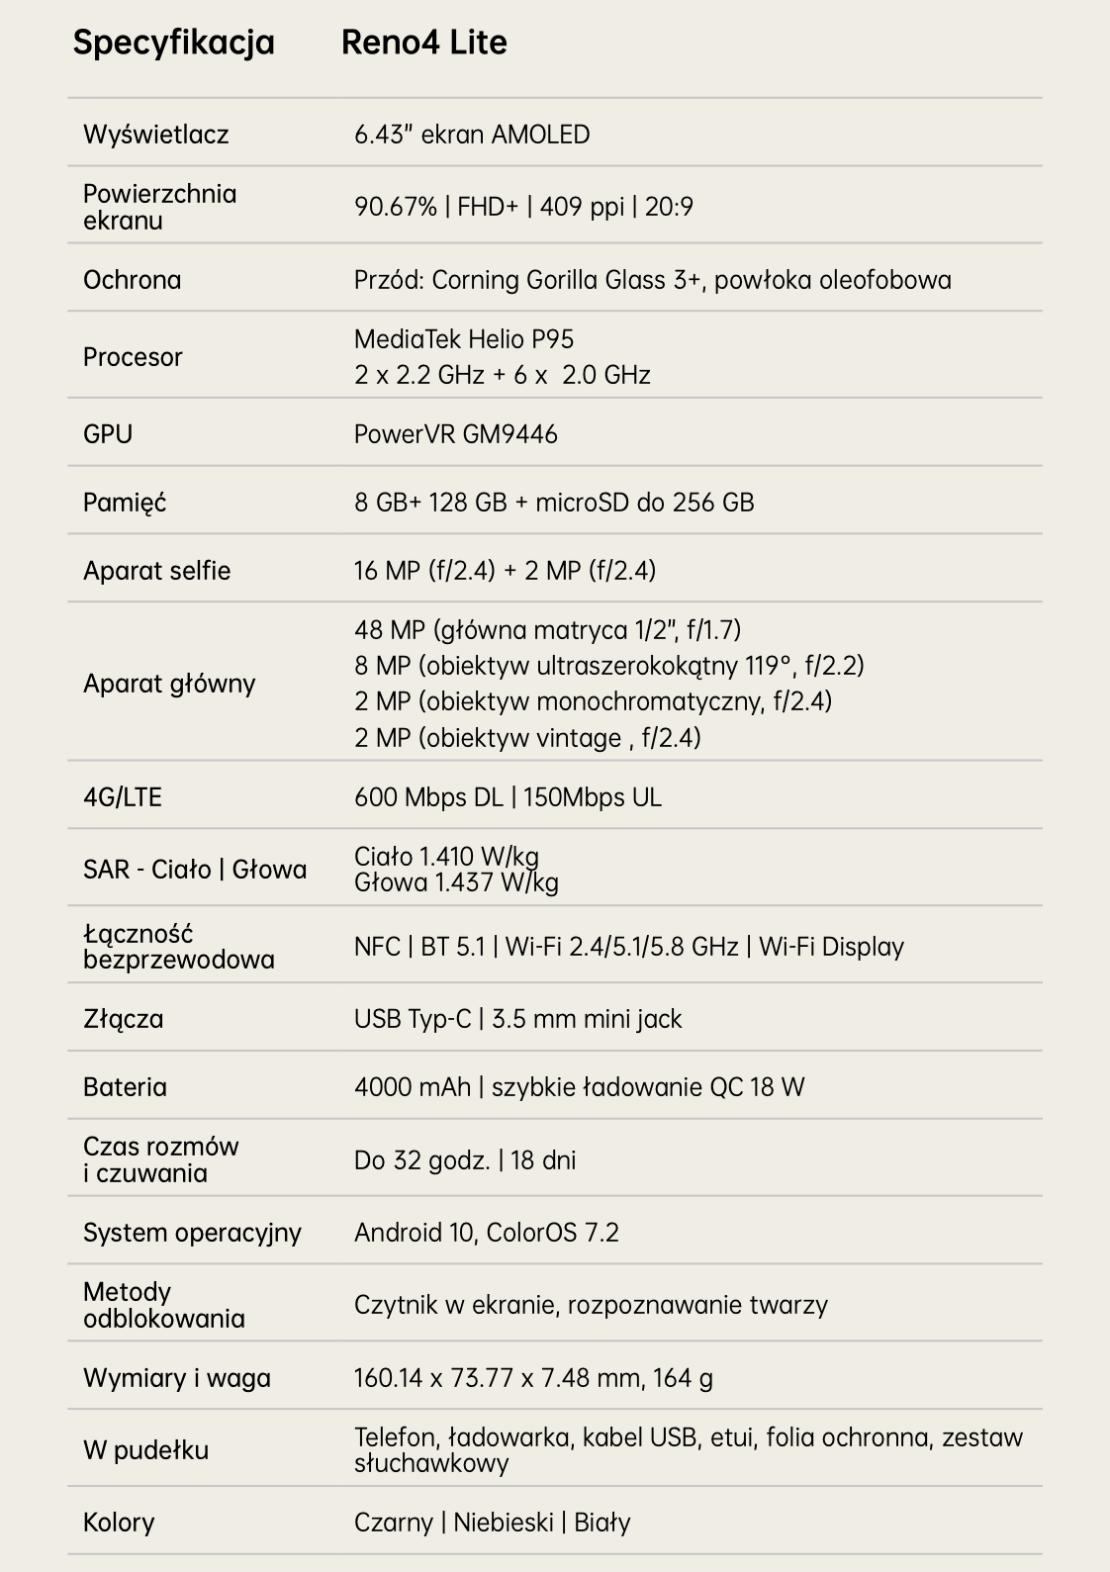 Specyfikacja techniczna OPPO Reno4 Lite